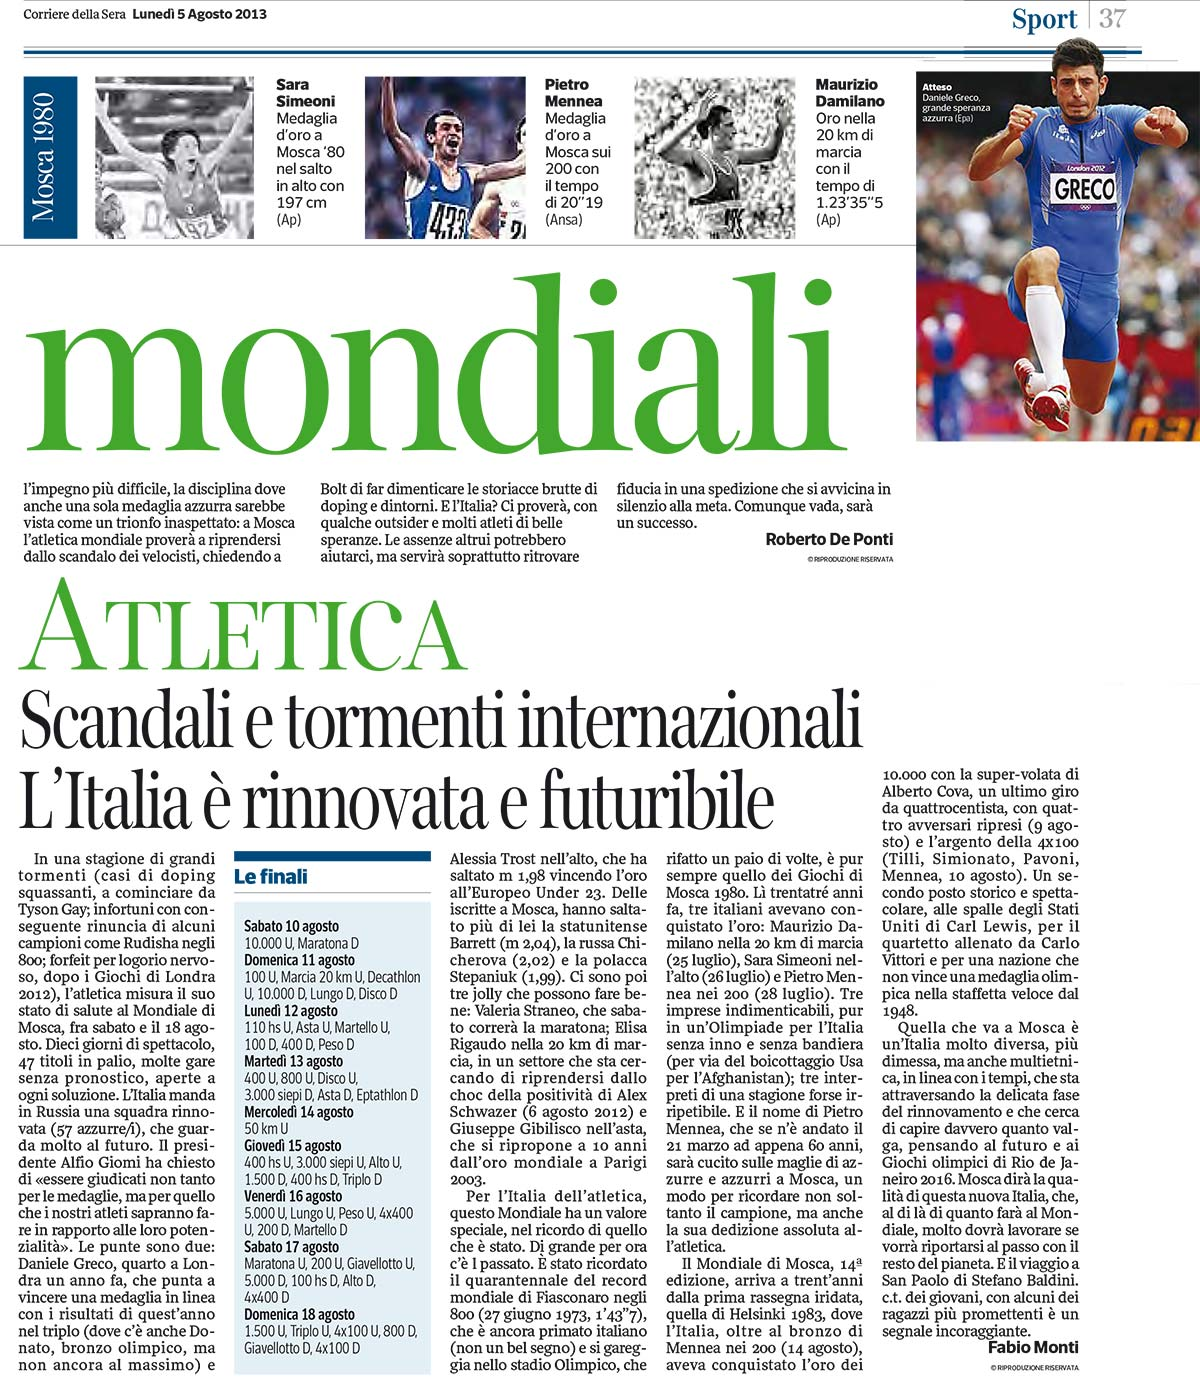 Campionati del Mondo Mosca 2013 - Daniele Greco - Corriere della Sera 05-08-13